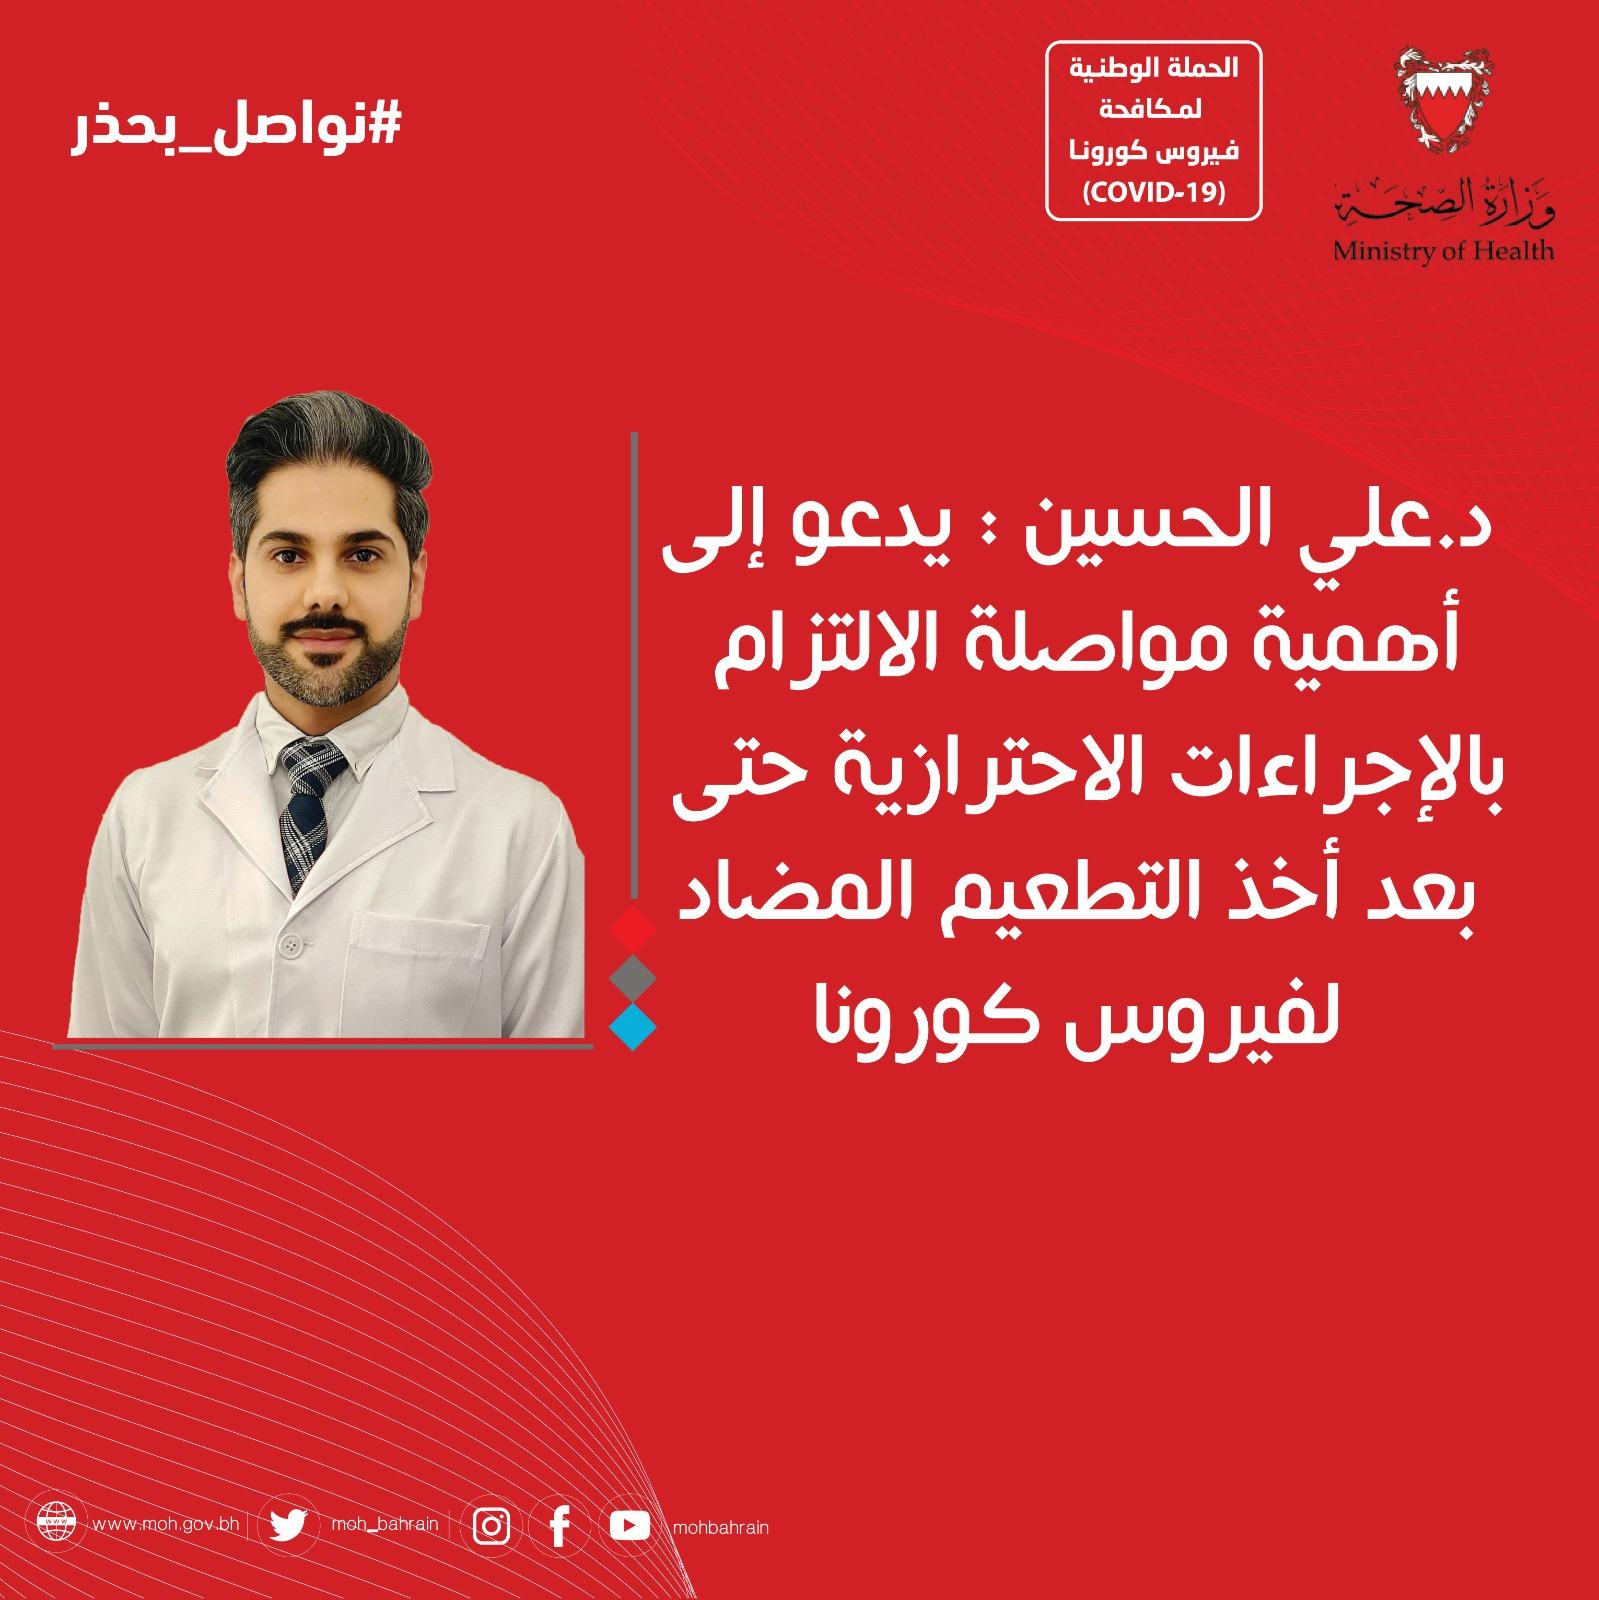 """د. علي محمود الحسين يدعو إلى أهمية مواصلة الالتزام بالإجراءات الاحترازية حتى بعد أخذ التطعيم المضاد لفيروس """"كورونا"""""""